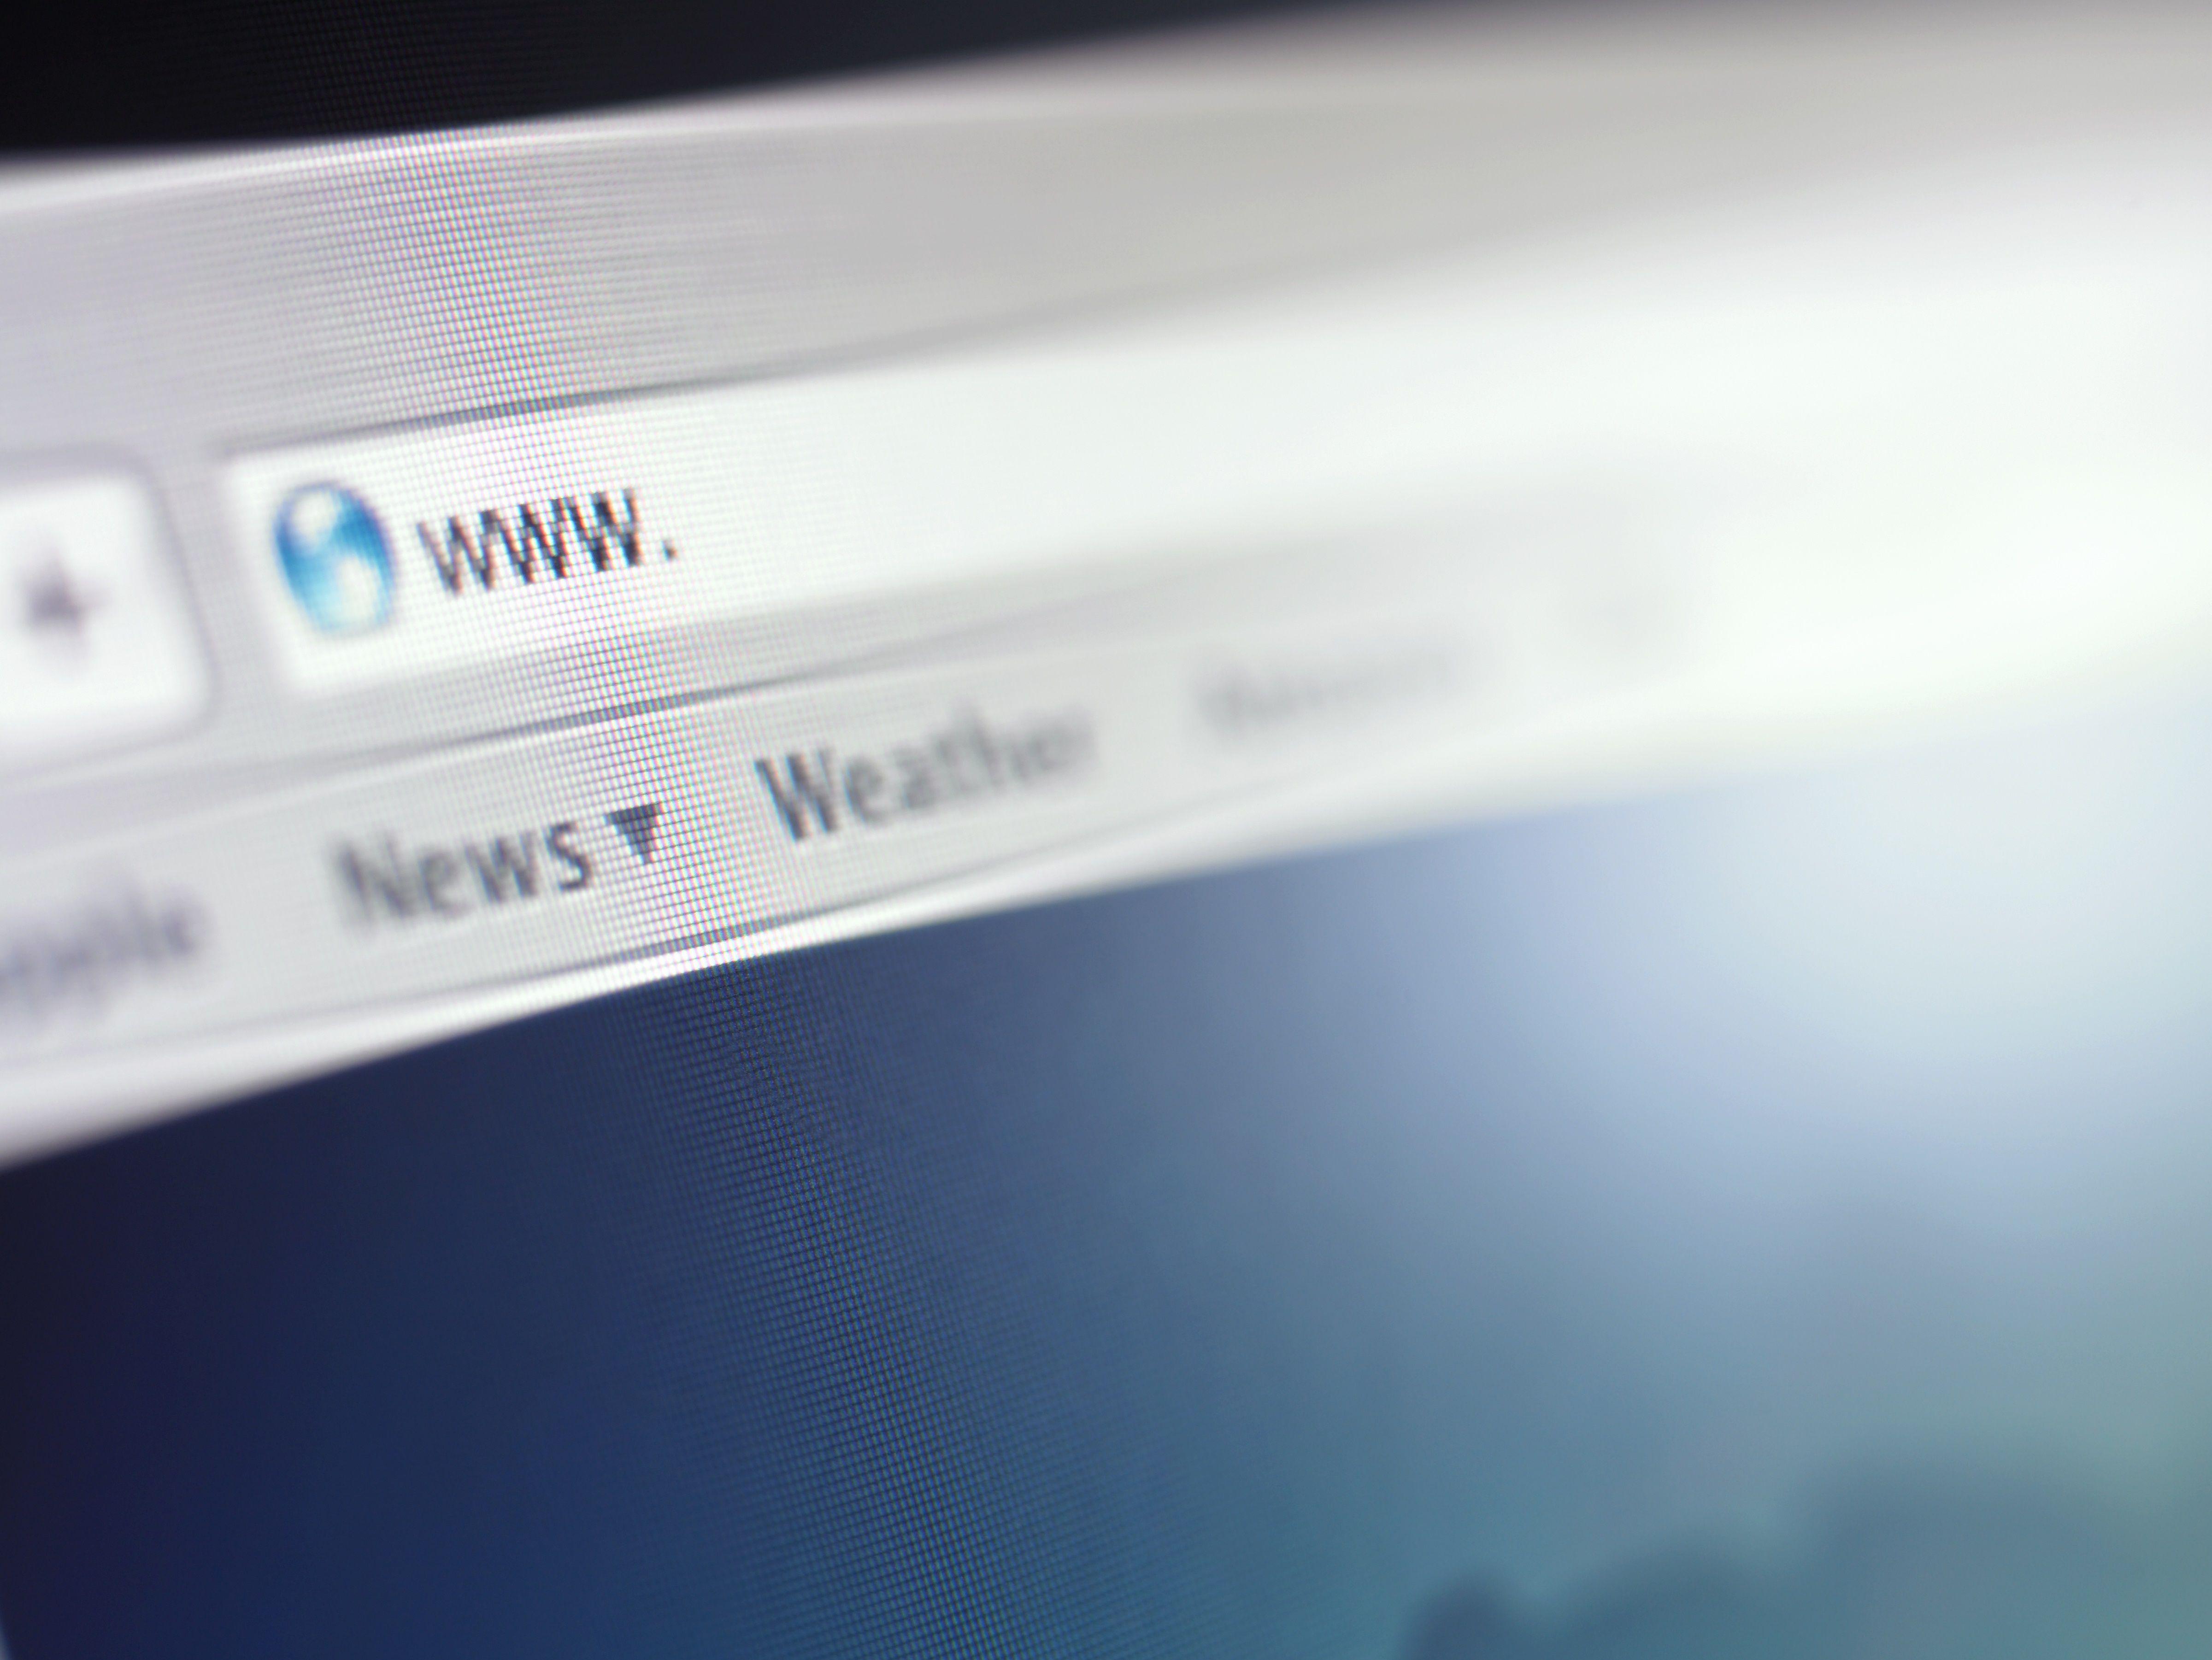 Internet Networking Tutorials Lifewire